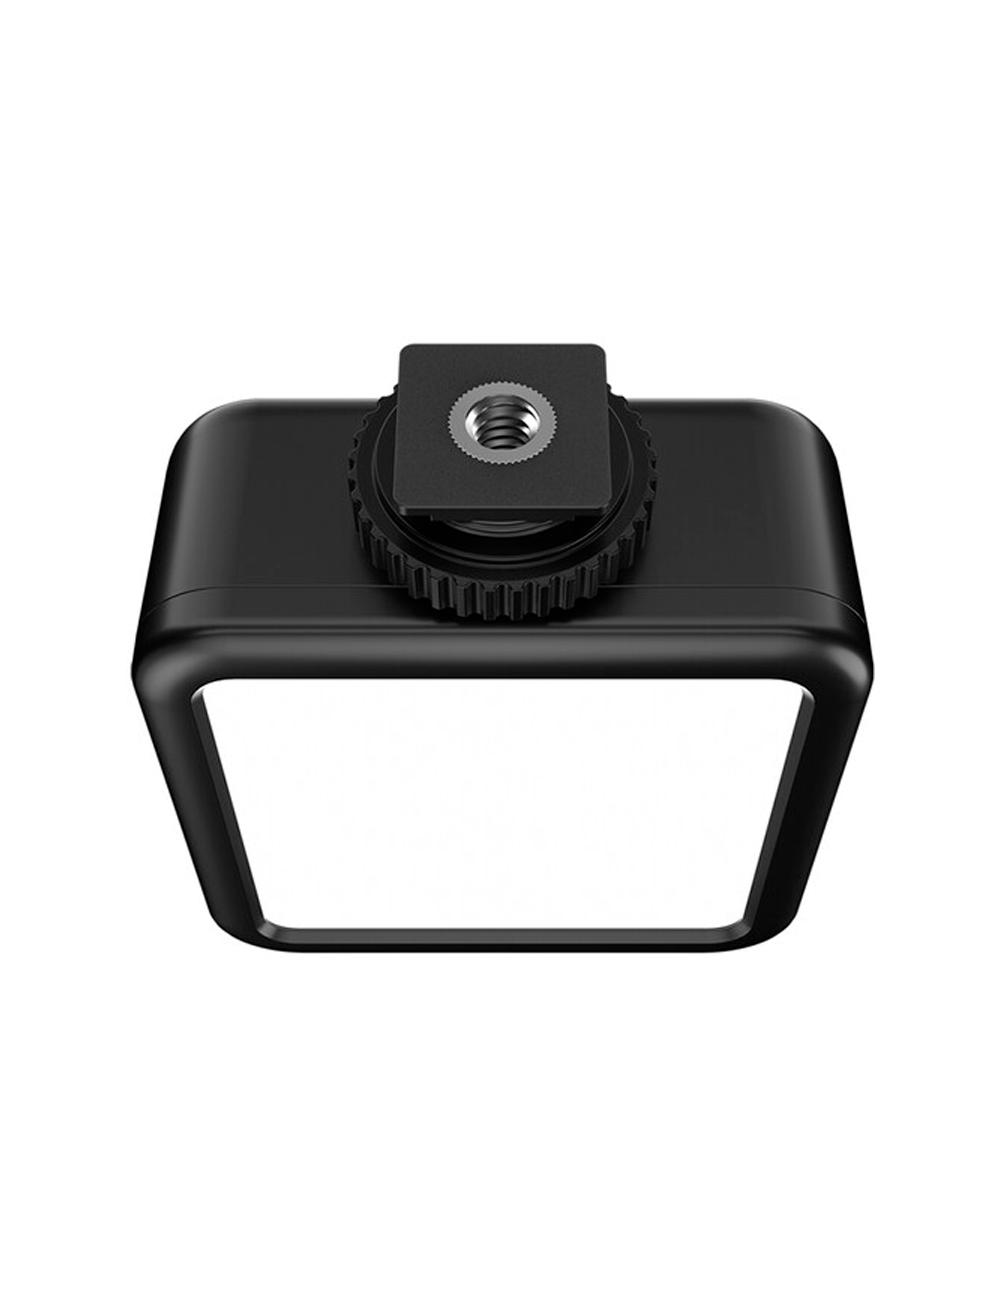 Yongnuo YN622N-TX Controlador con TTL y HSS para Nikon